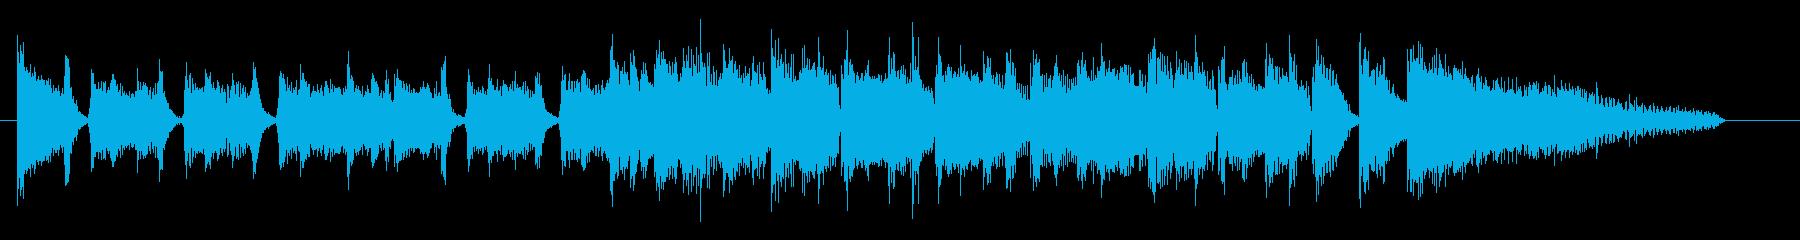 ハッピー&エネルギッシュ!ロックロゴ!の再生済みの波形